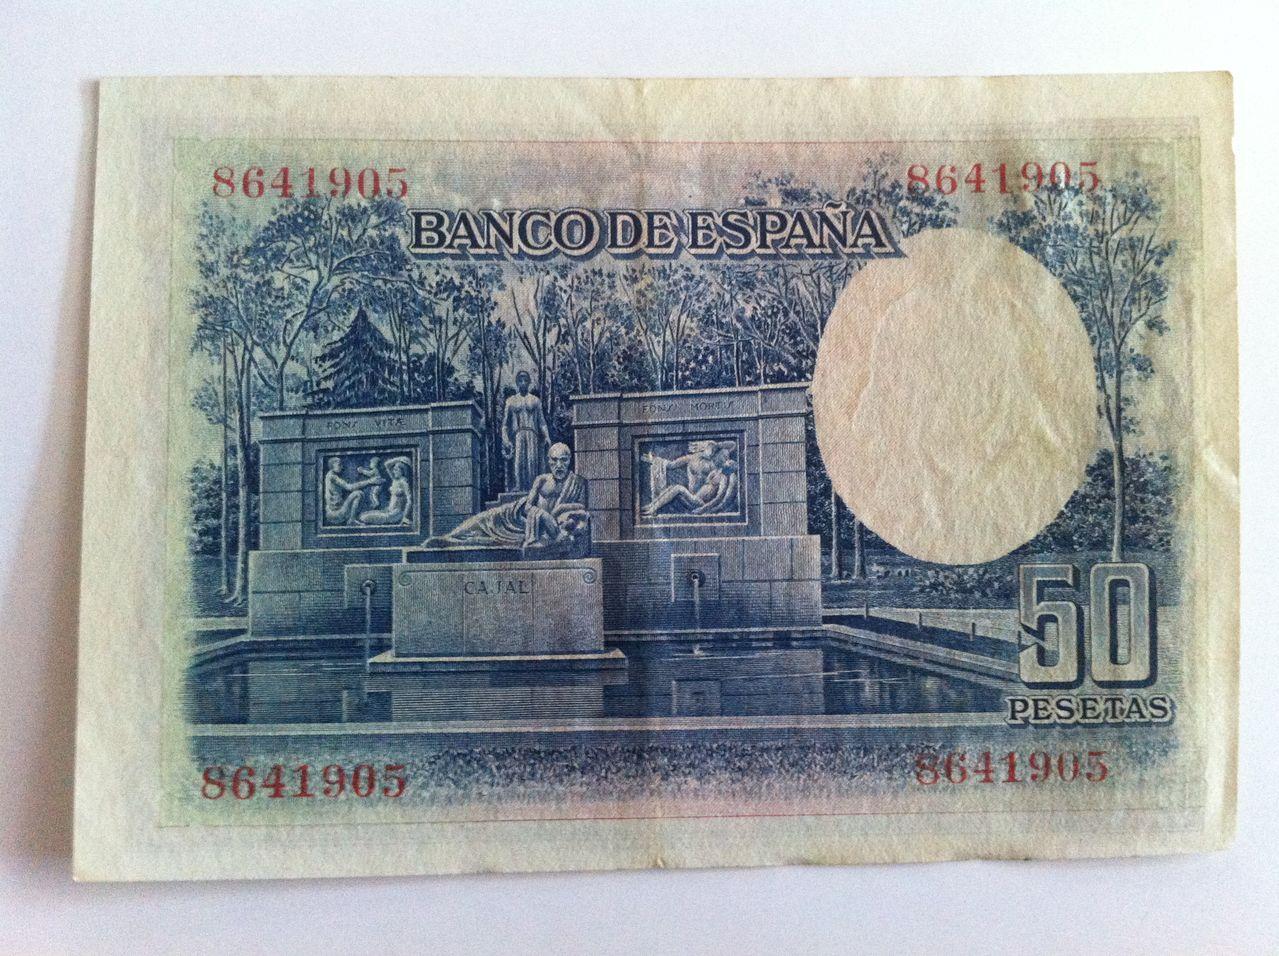 Ayuda para valorar coleccion de billetes IMG_4998